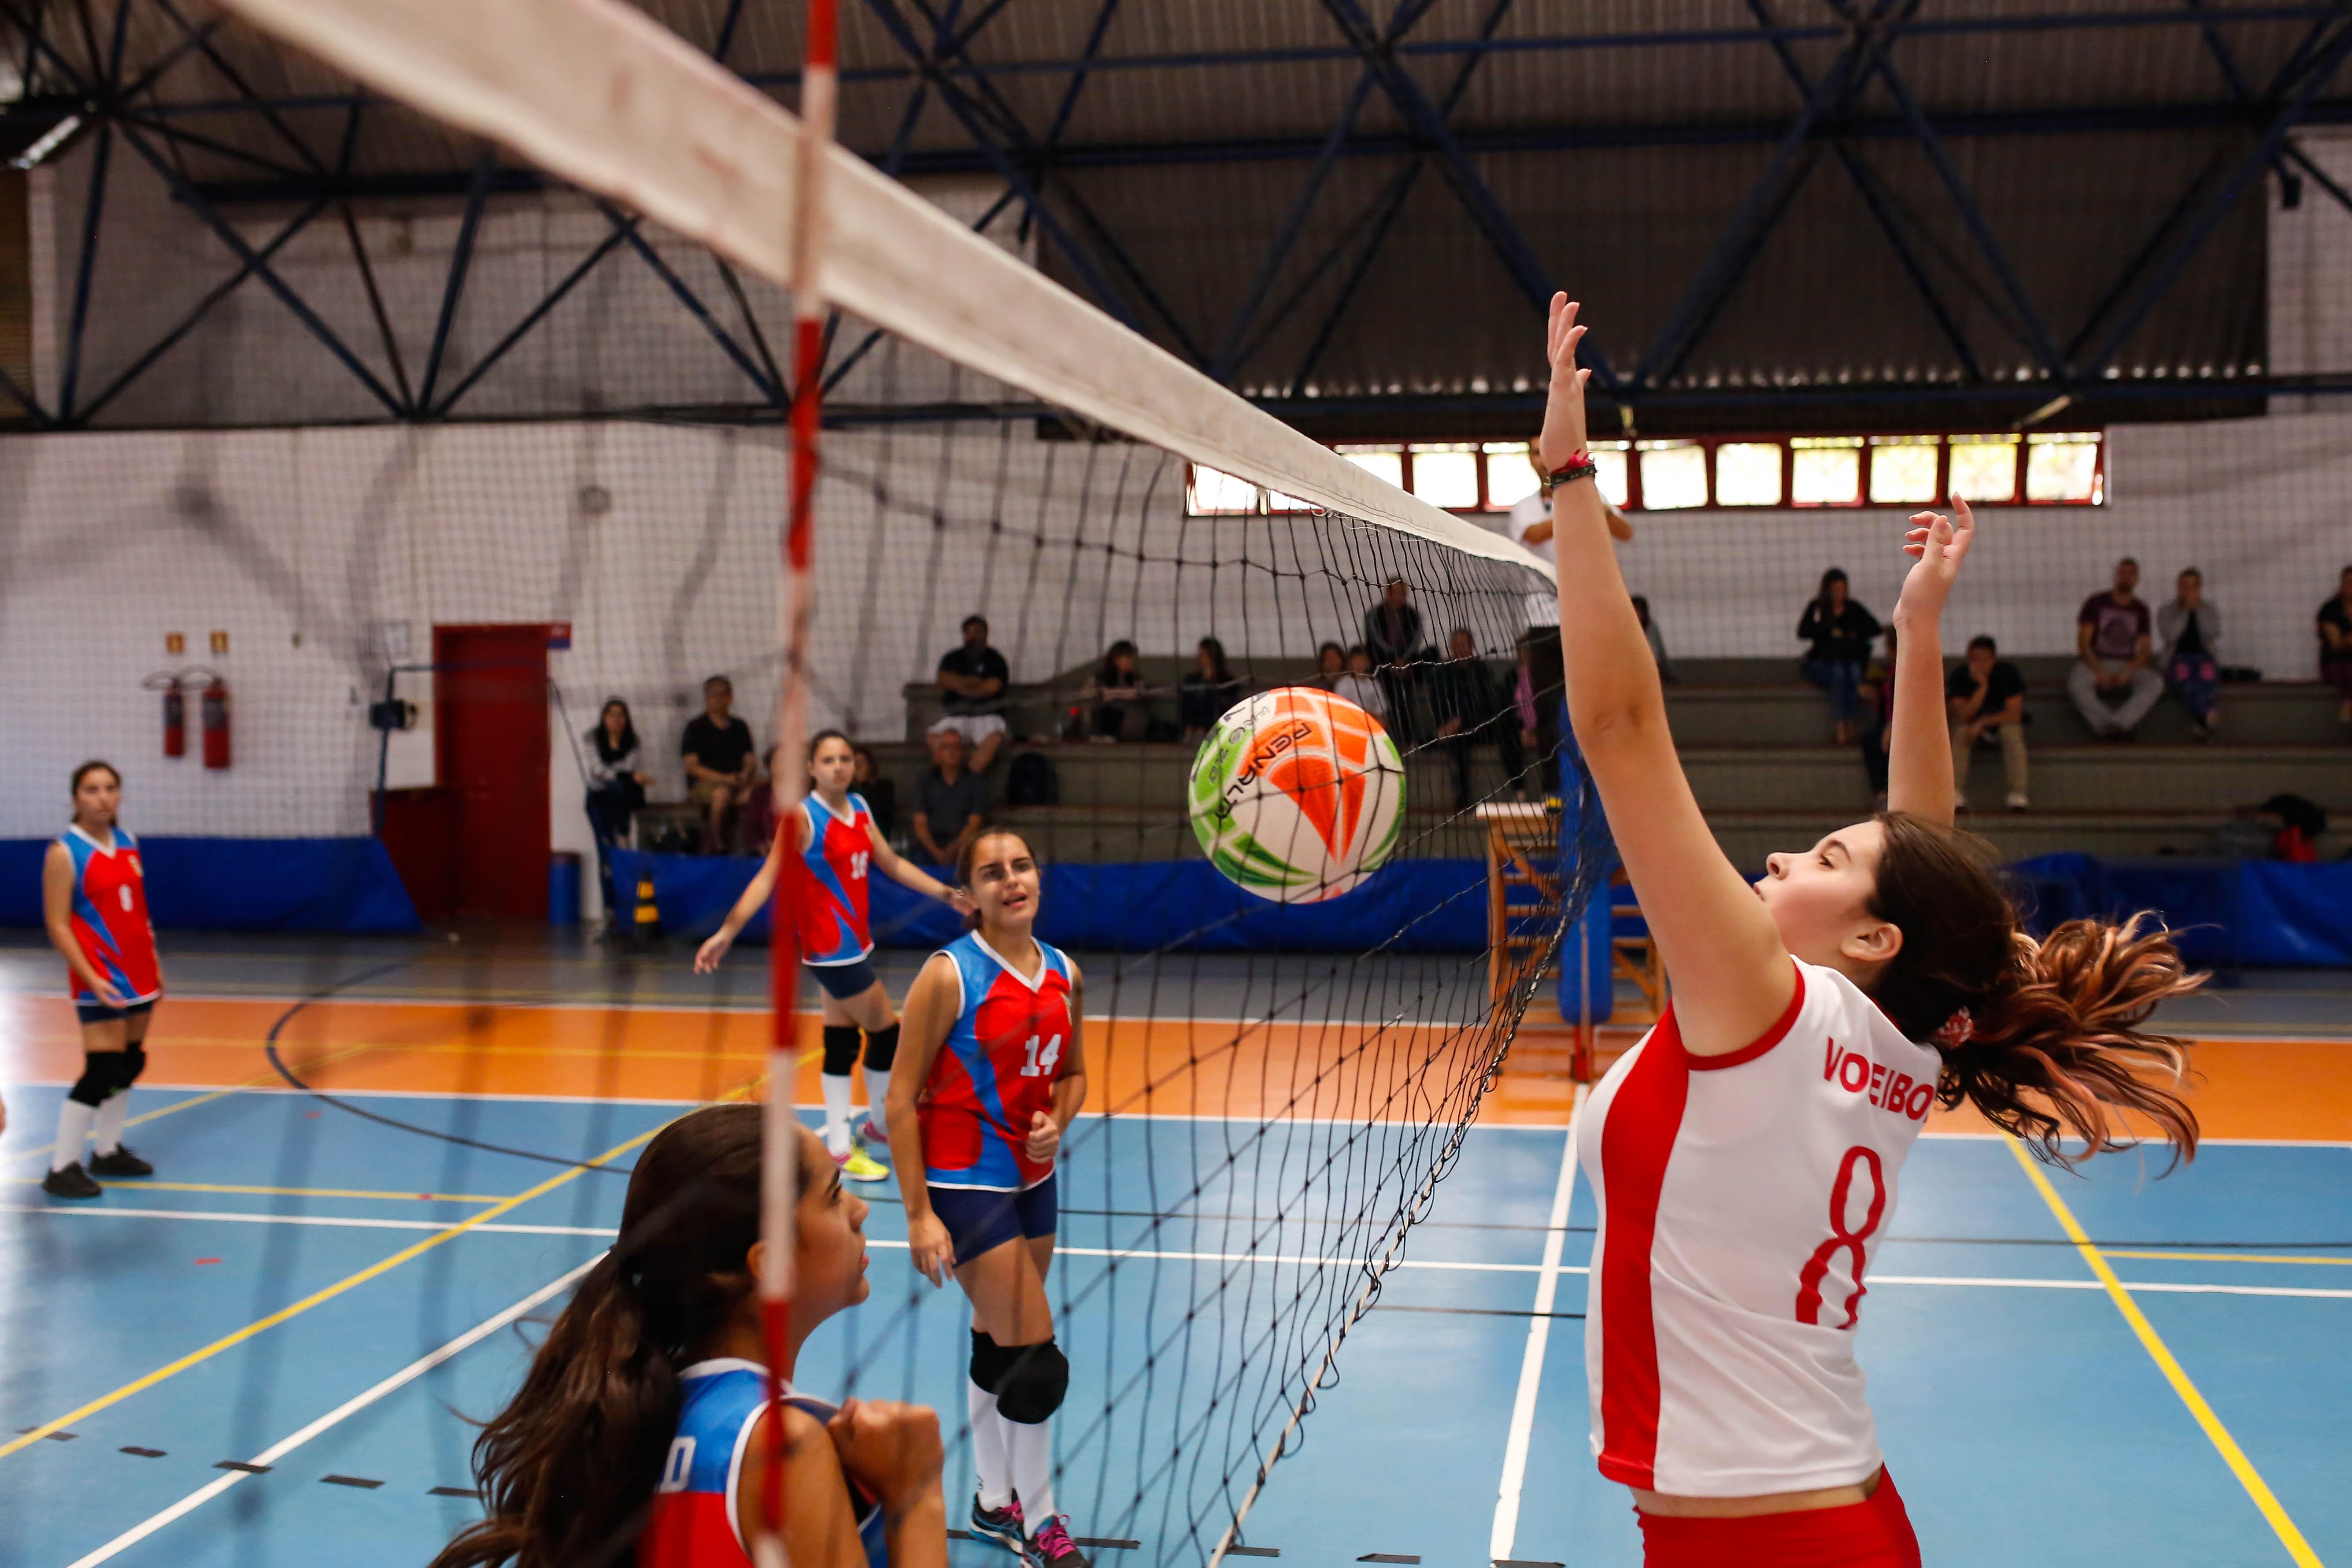 Começam as disputas de vôlei dos Jogos Abertos de Porto Alegre